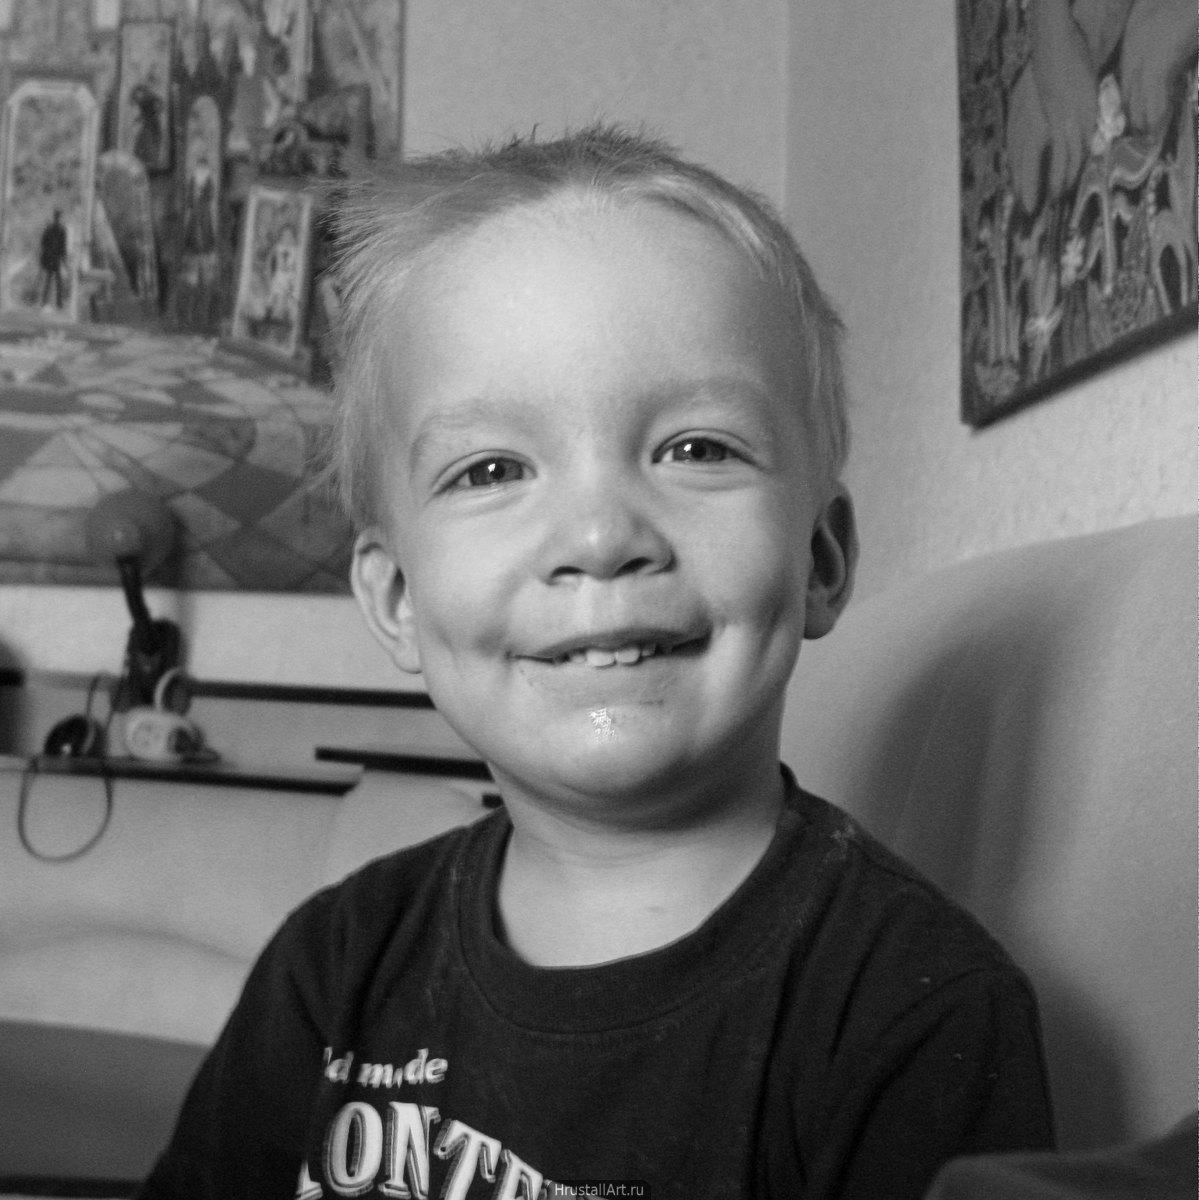 Мальчик хитро и нагло улыбается.